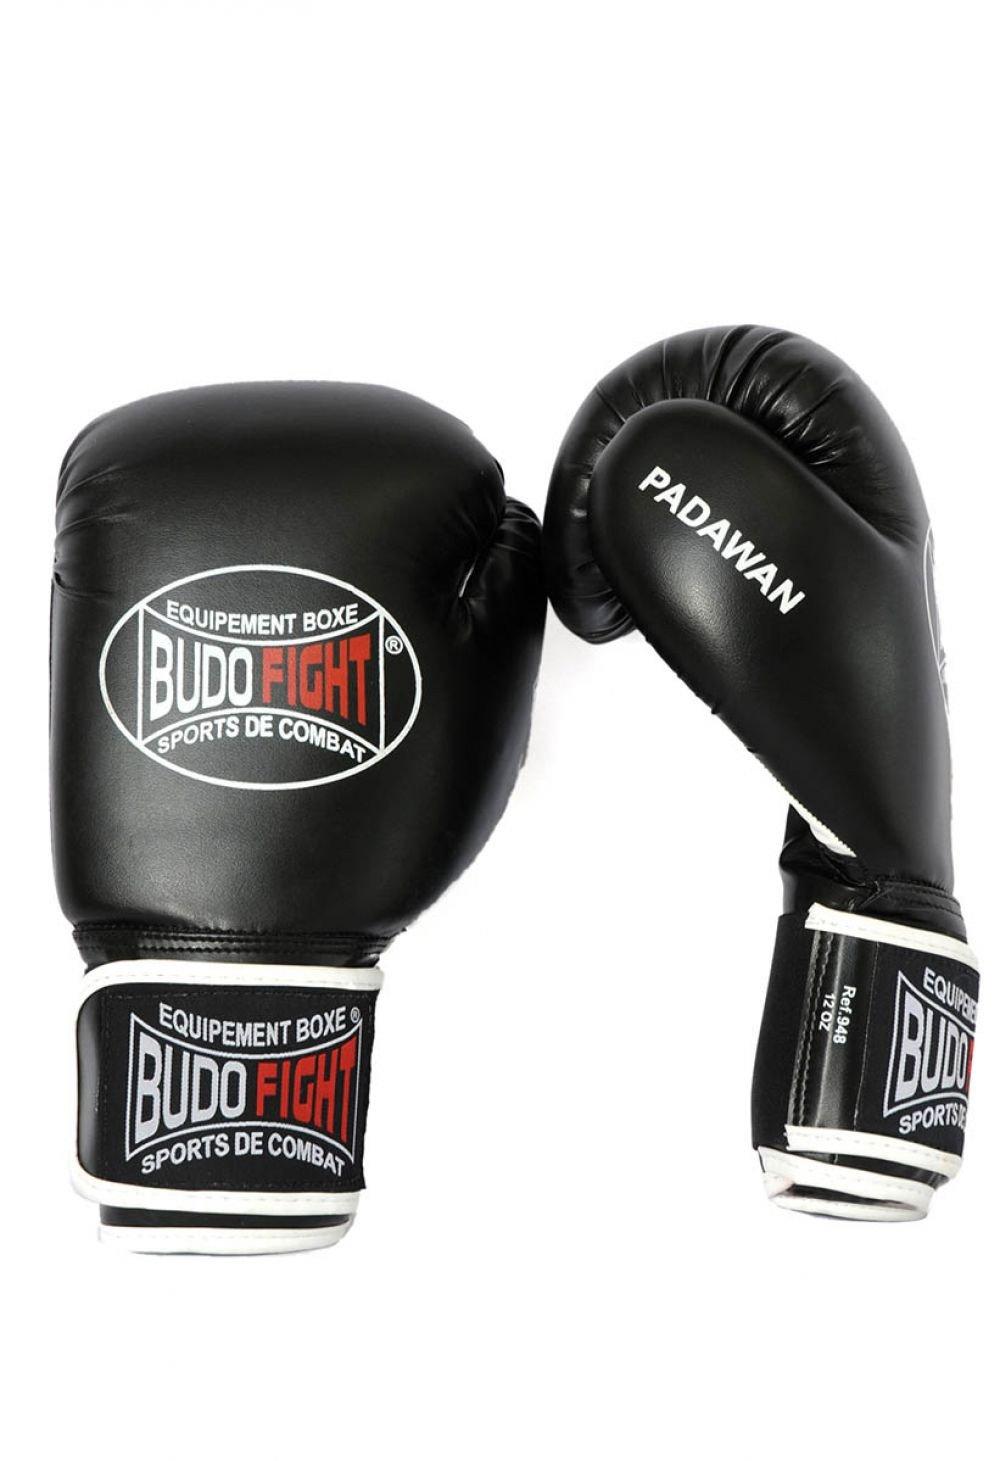 Budo Sports Combat Martiaux Boutique de et Fight Arts SPOPWv6r